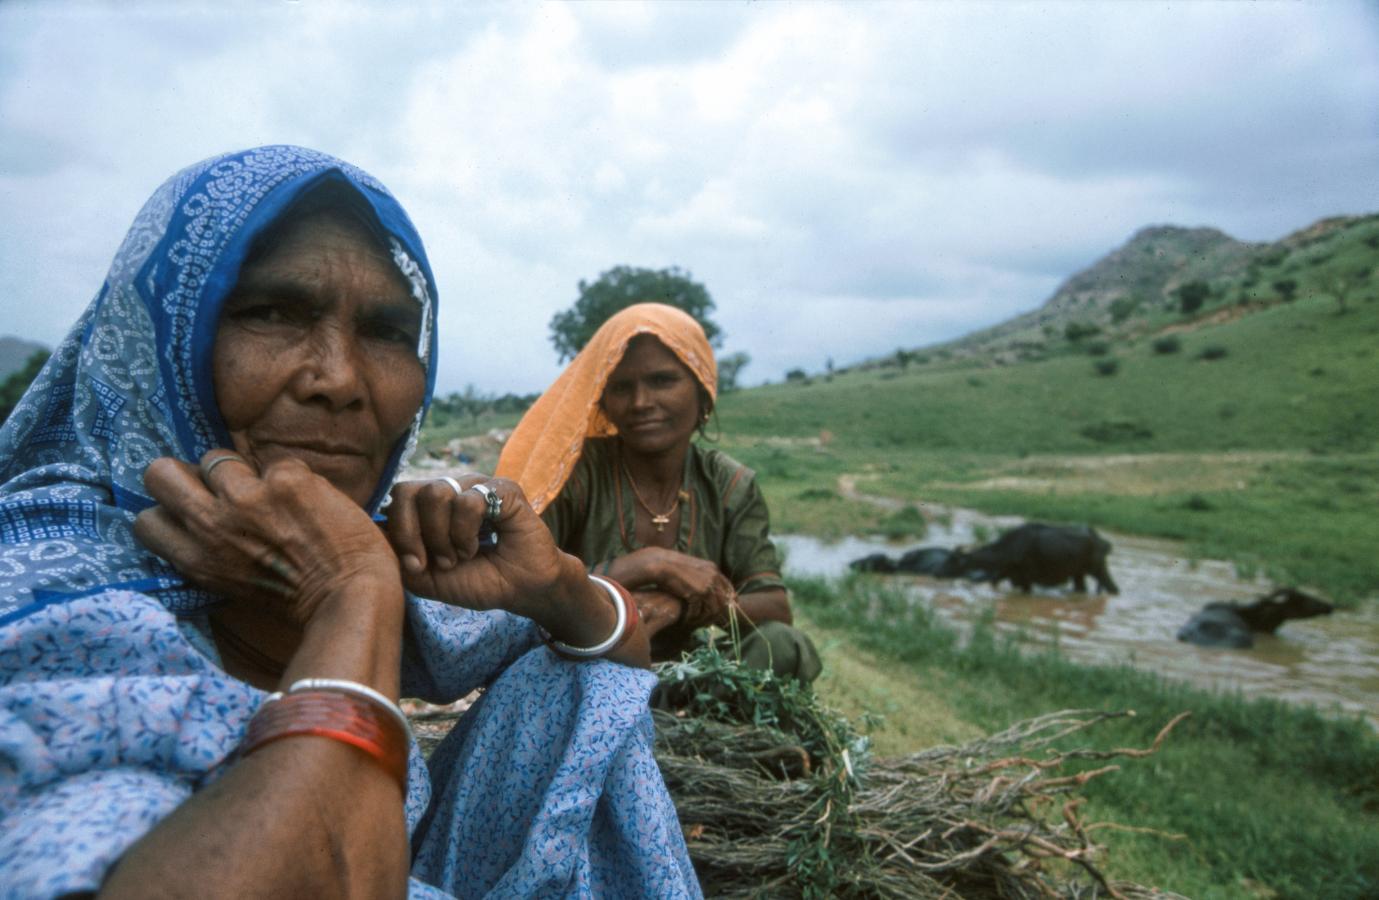 women-around-pushkar-india-2003